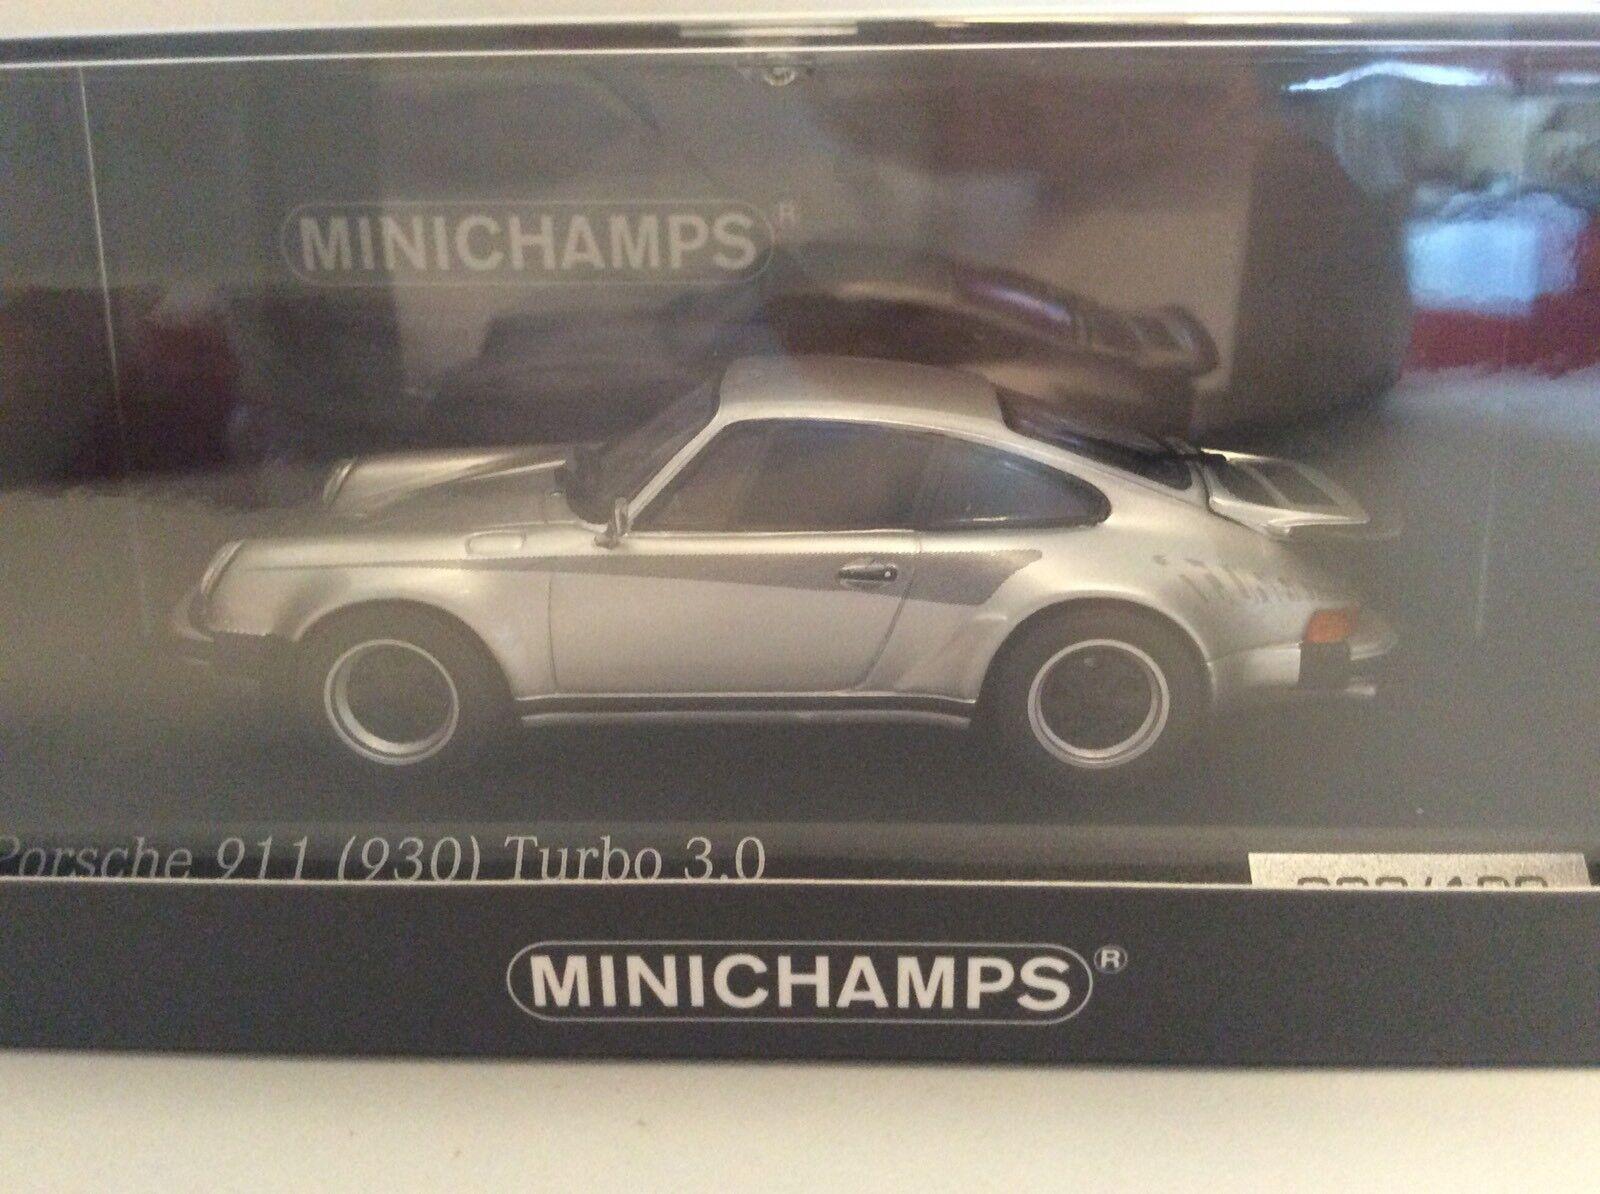 MINICHAMPS 1 43  PORSCHE 911 930 Turbo 3.0 Argent voituretima SeuleHommest 100 Pièces Nouveau neuf dans sa boîte  les clients d'abord la réputation d'abord